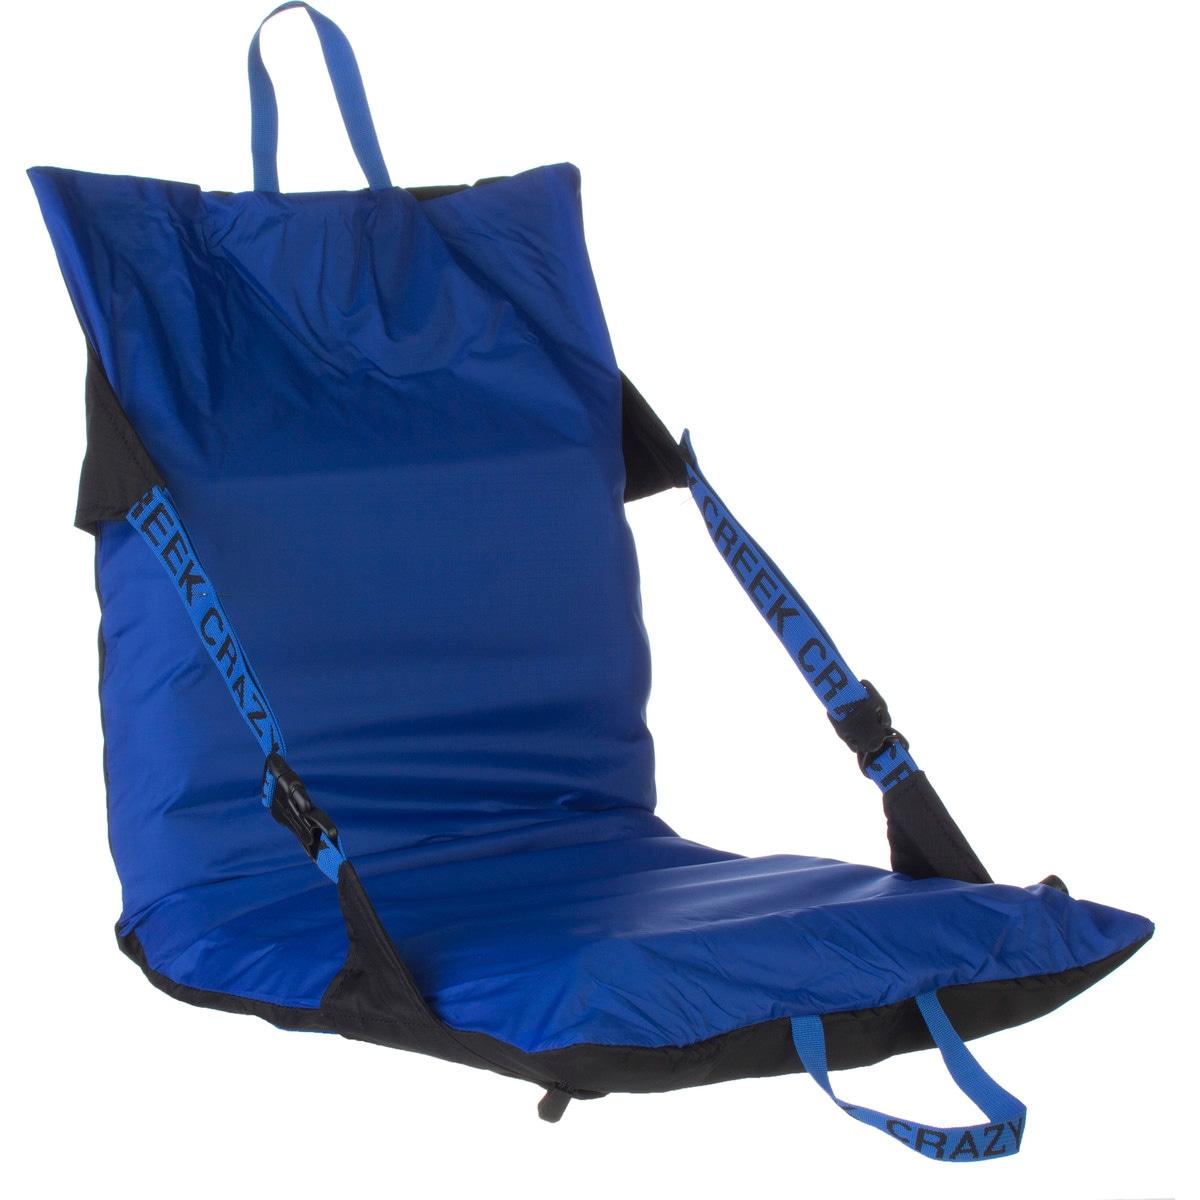 Crazy Creek Air Chair Compact Camp Chair